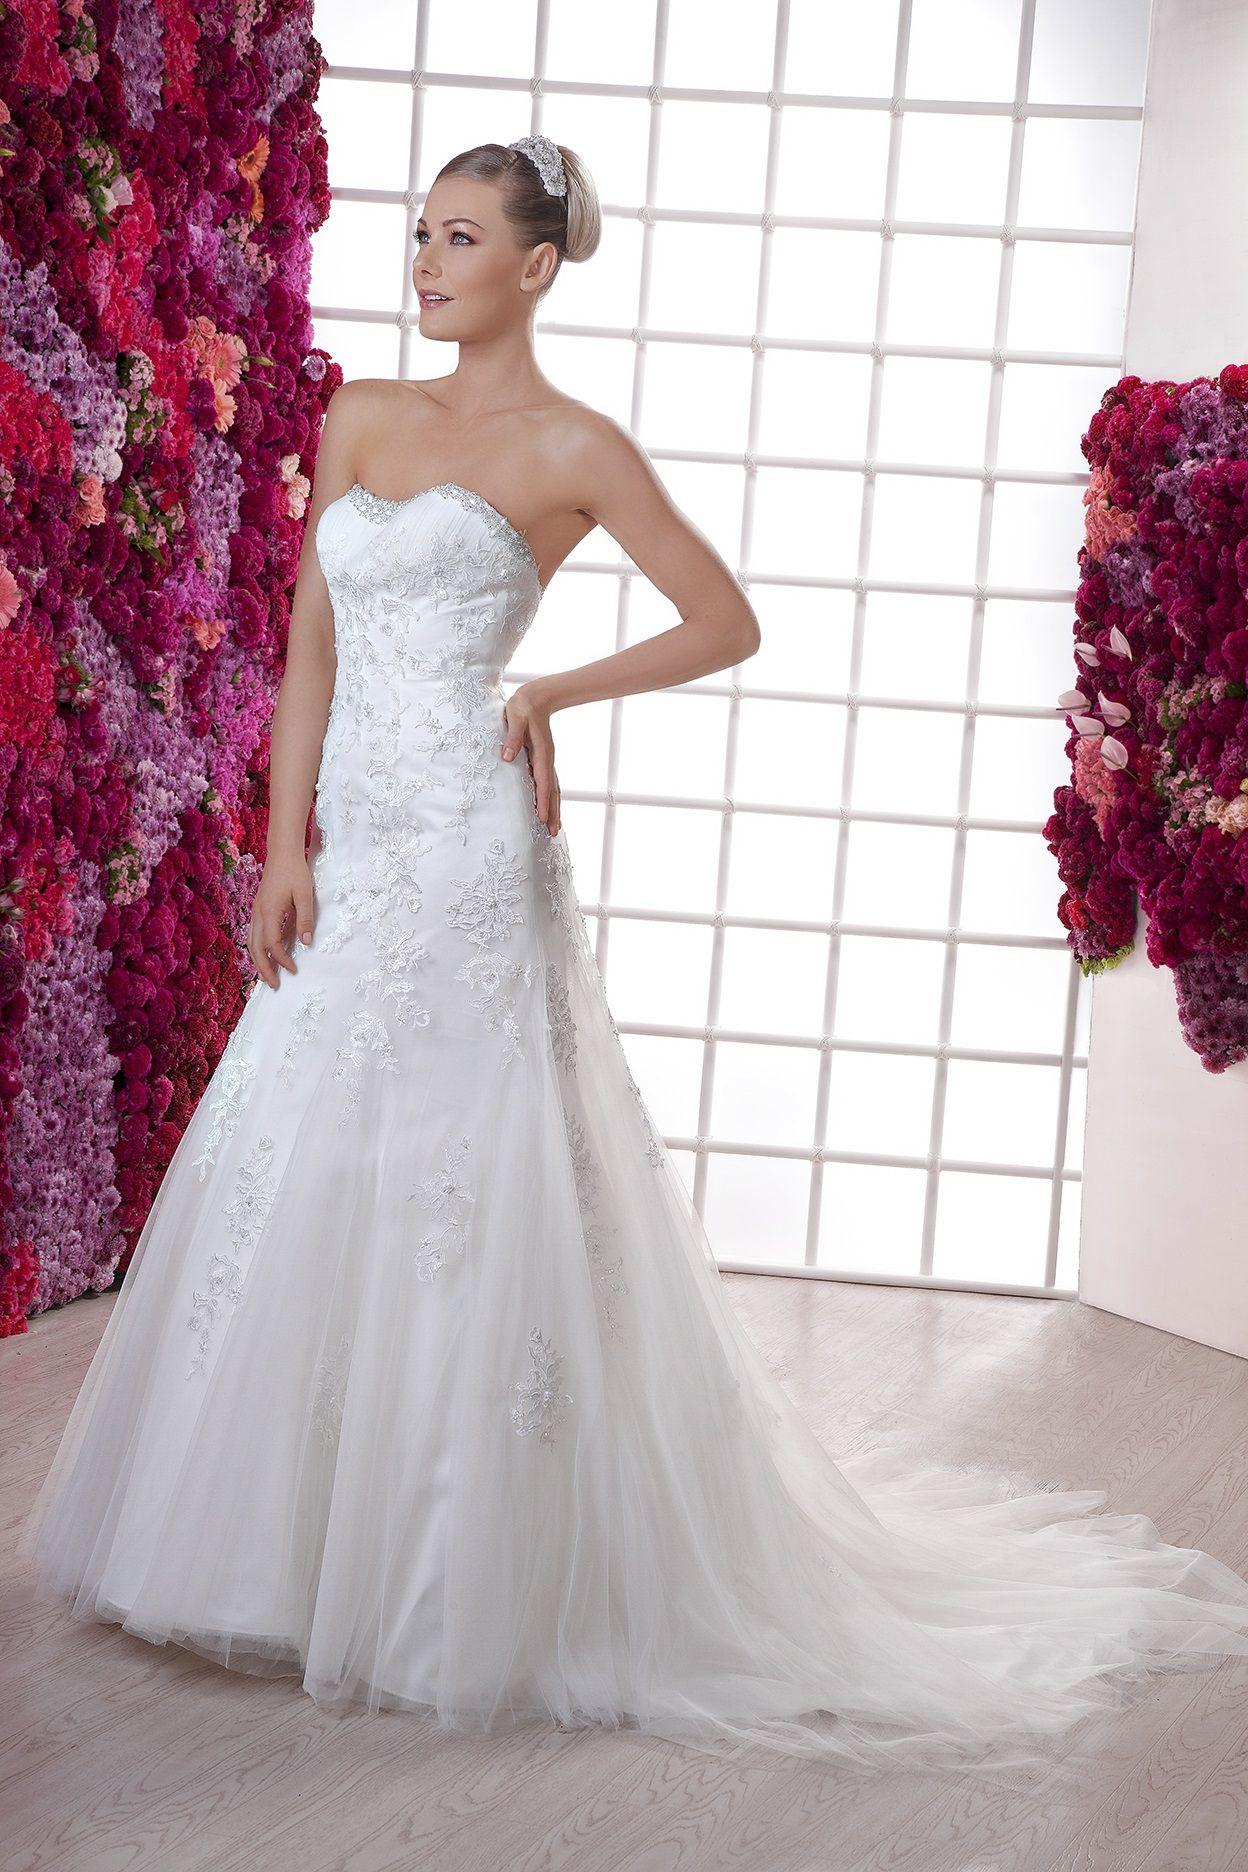 Modelo Janette de la Nueva Colección 2015 de Essence.#EssenceMx #Weddingdress #Bride #Wedding #Ilution #2015#Flowers #Violet #Pink